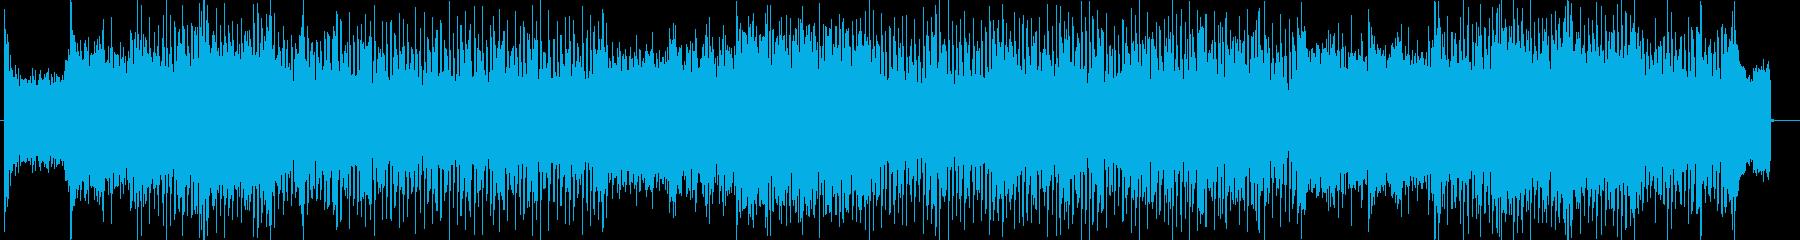 ドキドキ緊迫感シンセサイザーサウンンドの再生済みの波形